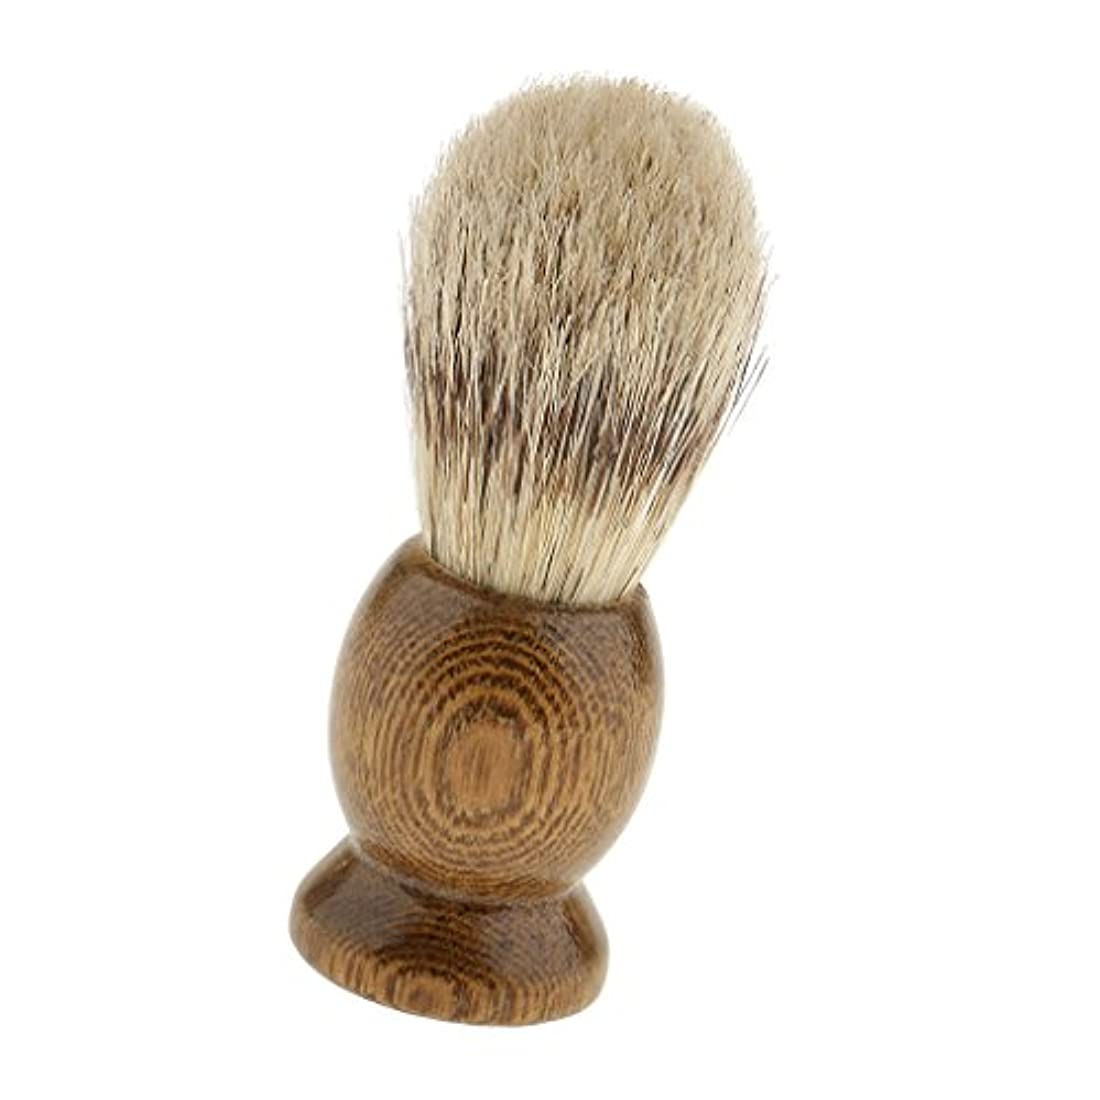 膜遺伝的モンスター髭剃りブラシ メンズ シェービングブラシ 泡立ち サロン 家庭 父の日 プレゼント 全5種類 - 4